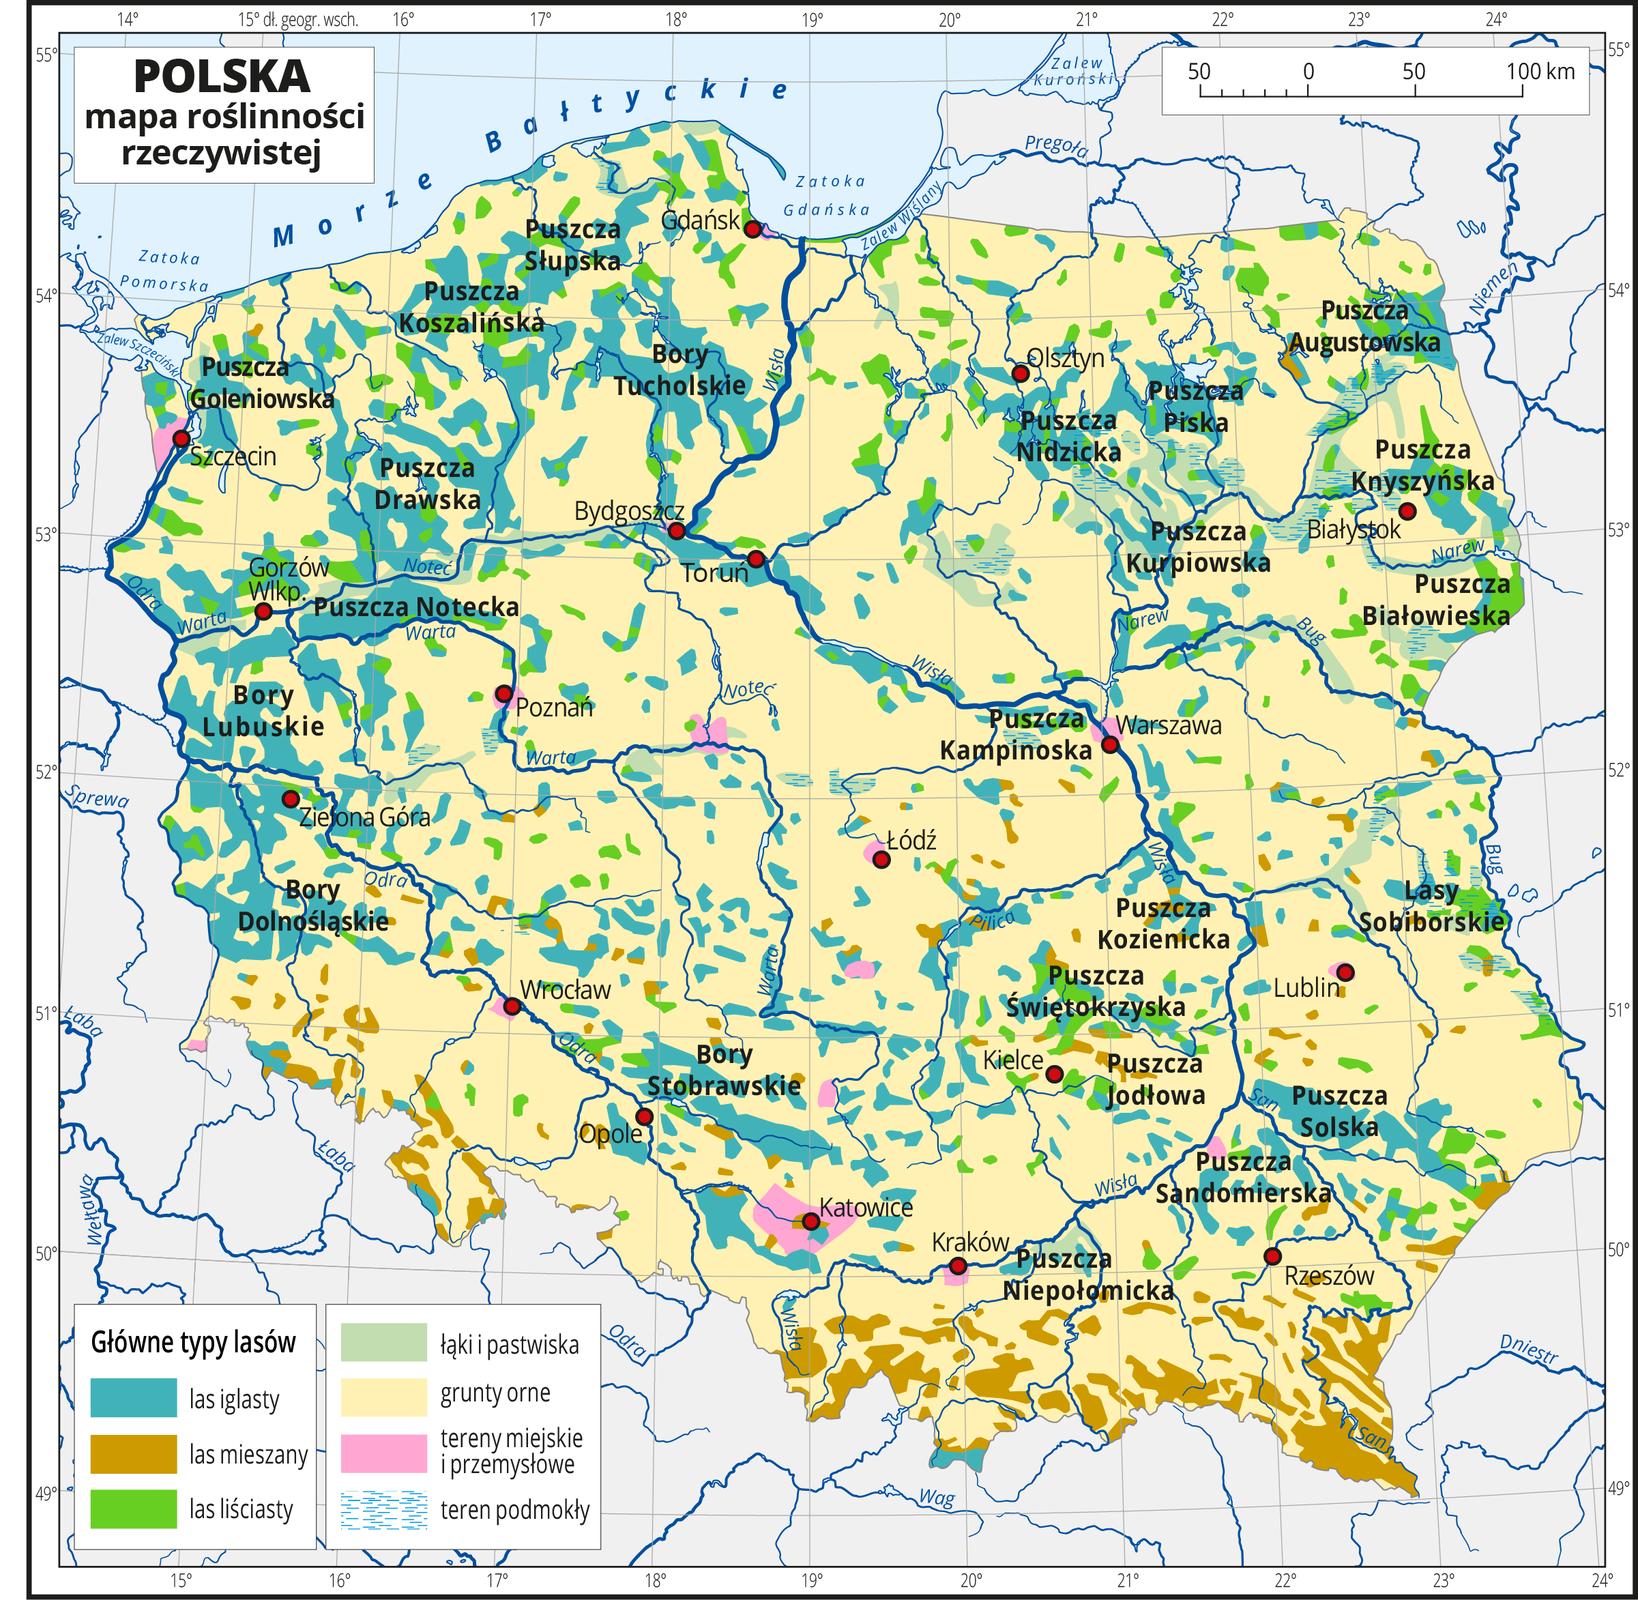 Ilustracja przedstawia mapę Polski . Na mapie kolorami zaznaczono trzy główne typy lasów, łąki ipastwiska, grunty orne, tereny miejskie iprzemysłowe oraz tereny podmokłe. Większą część Polski zajmują grunty orne oznaczone kolorem żółtym. Wdolinach rzek ina pojezierzach występują lasy iglaste, gdzieniegdzie lasy liściaste. Na terenach górskich występują lasy mieszane. Wrejonie dużych miast oznaczono tereny miejskie iprzemysłowe. Najwięcej łąk ipastwisk występuje wpółnocno-wschodniej części Polski.Czerwonymi kropkami zaznaczono miasta wojewódzkie. Opisano główne rzeki imorze.Mapa pokryta jest siatką równoleżników ipołudników. Dookoła mapy jest biała ramka, wktórej opisane są współrzędne geograficzne co jeden stopień.Po lewej stronie mapy wlegendzie umieszczono siedem kolorowych prostokątów, które opisano. Wydzielono trzy rodzaje lasów: iglasty, mieszany iliściasty oraz łąki ipastwiska, grunty orne, tereny miejskie iprzemysłowe oraz tereny podmokłe.